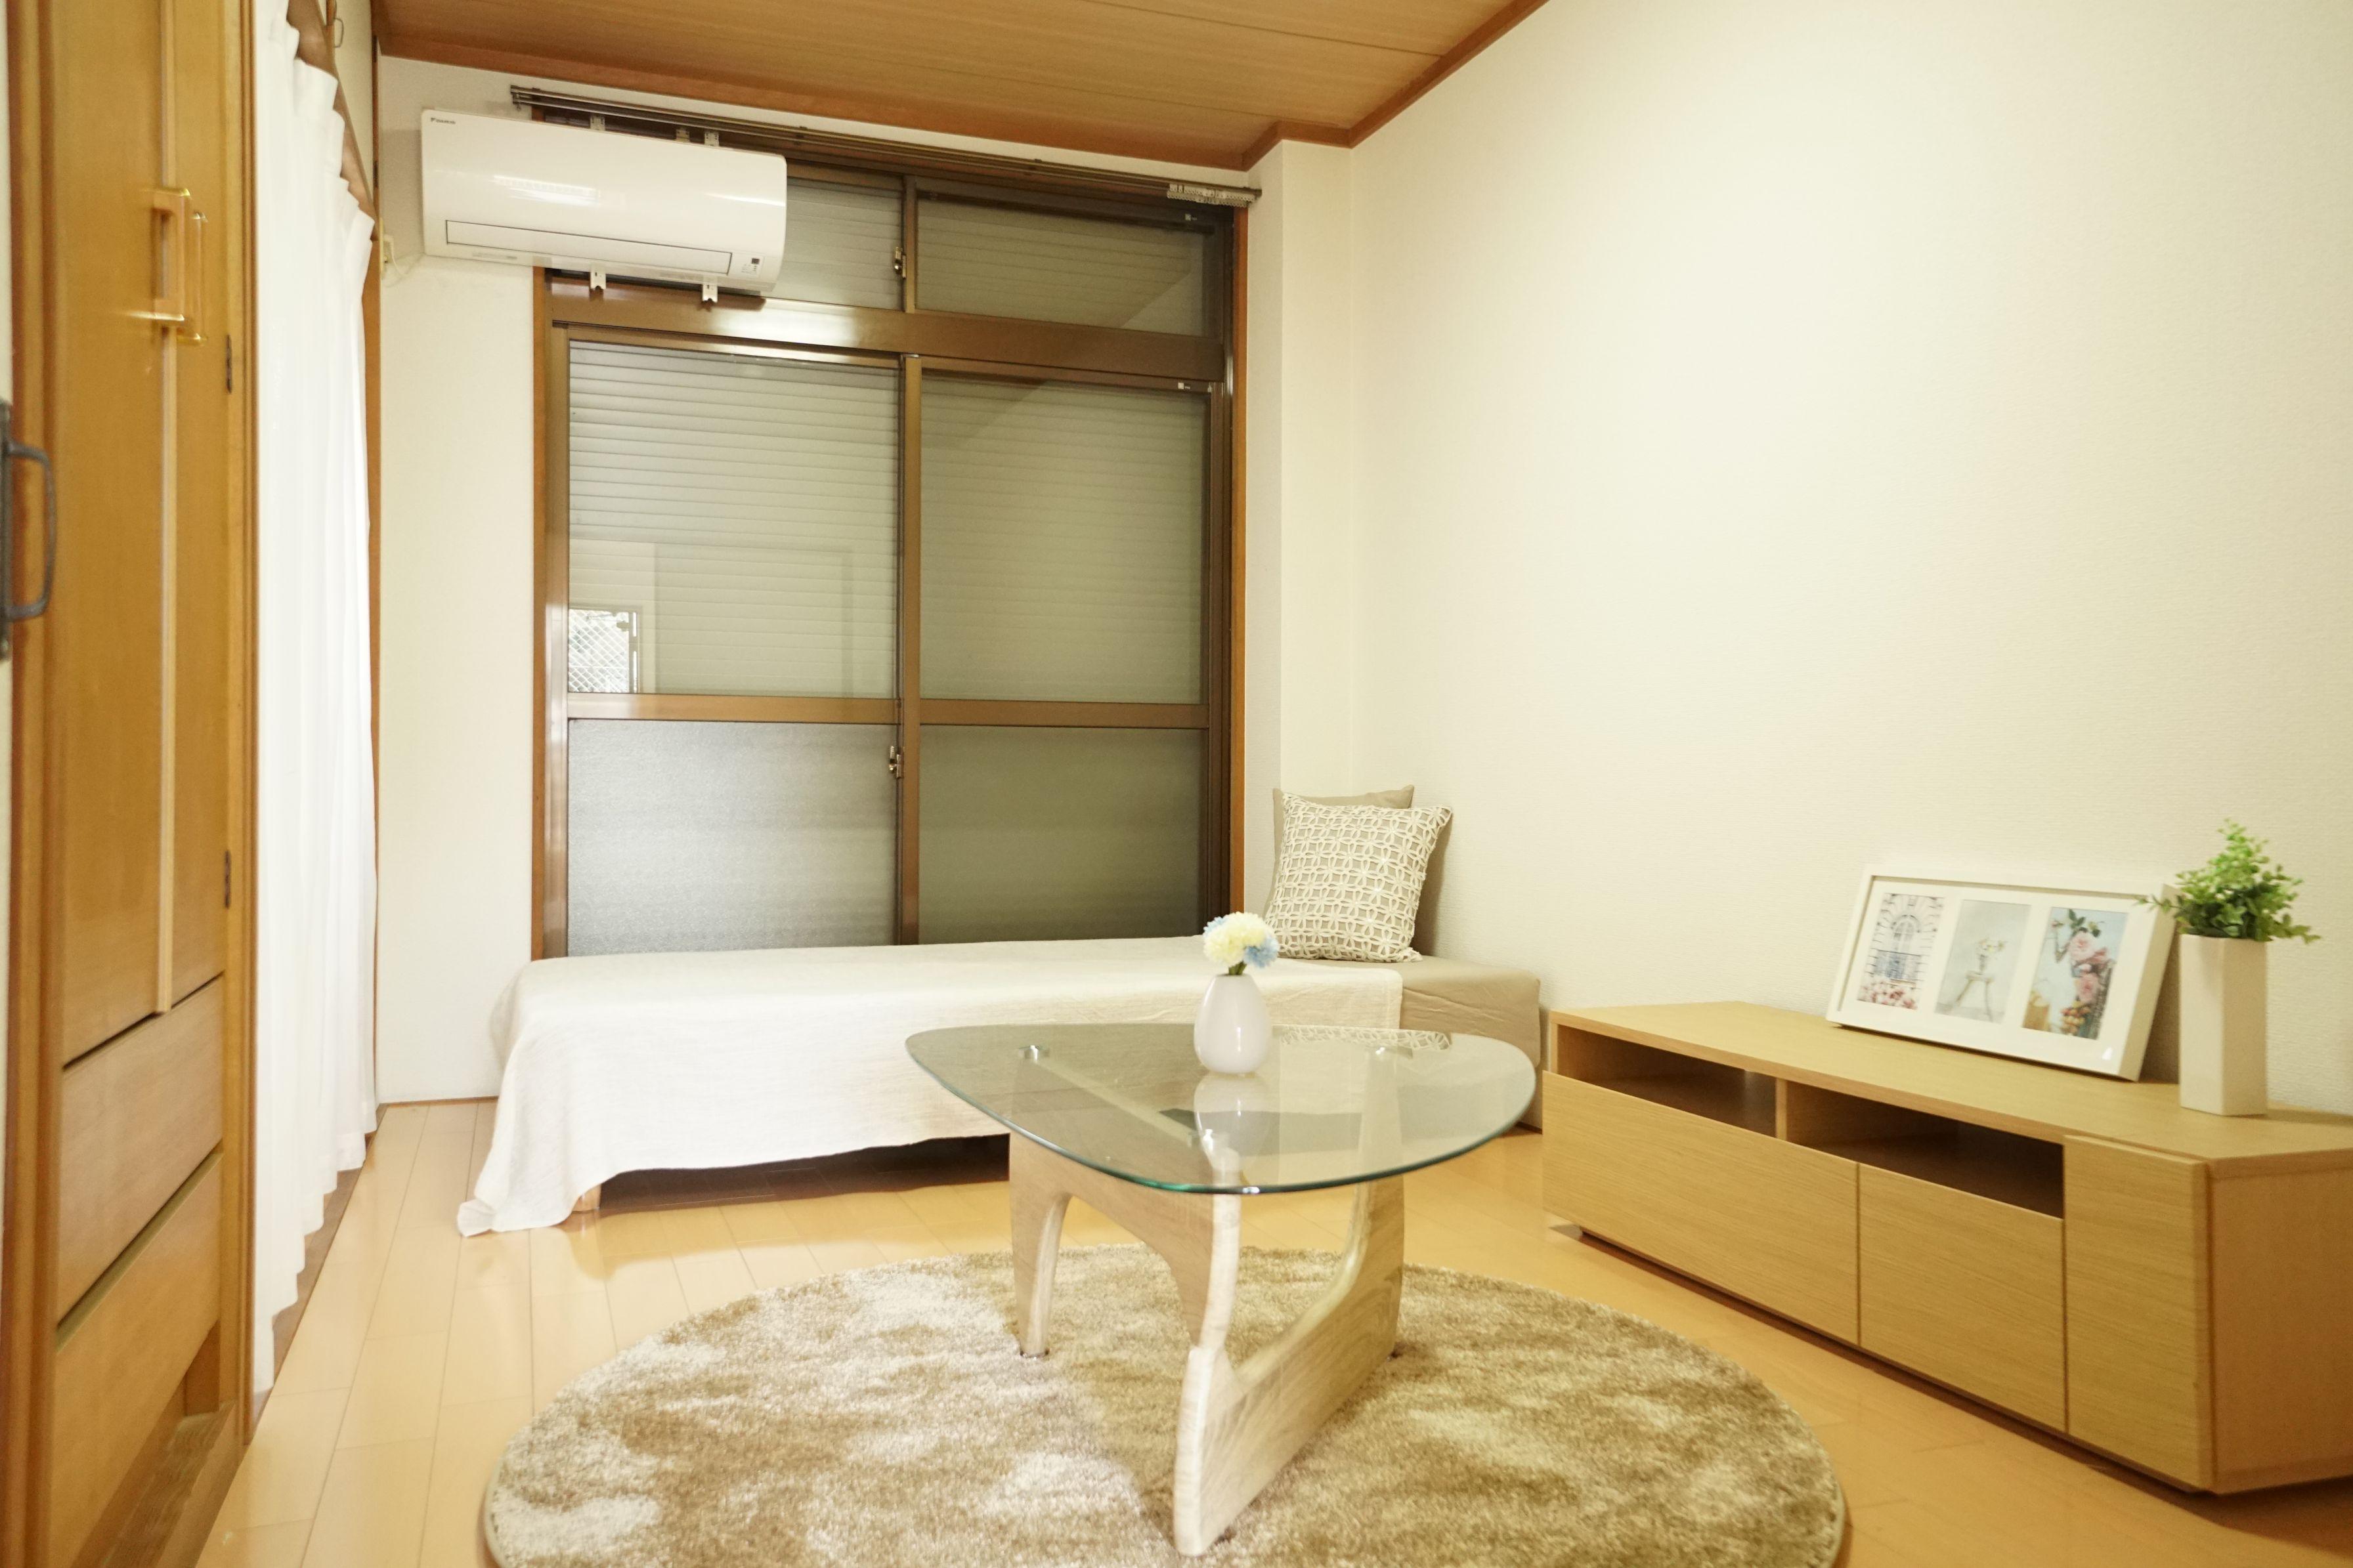 ふれんず|JR鹿児島本線(福工大前駅)の賃貸マンション・アパート ...